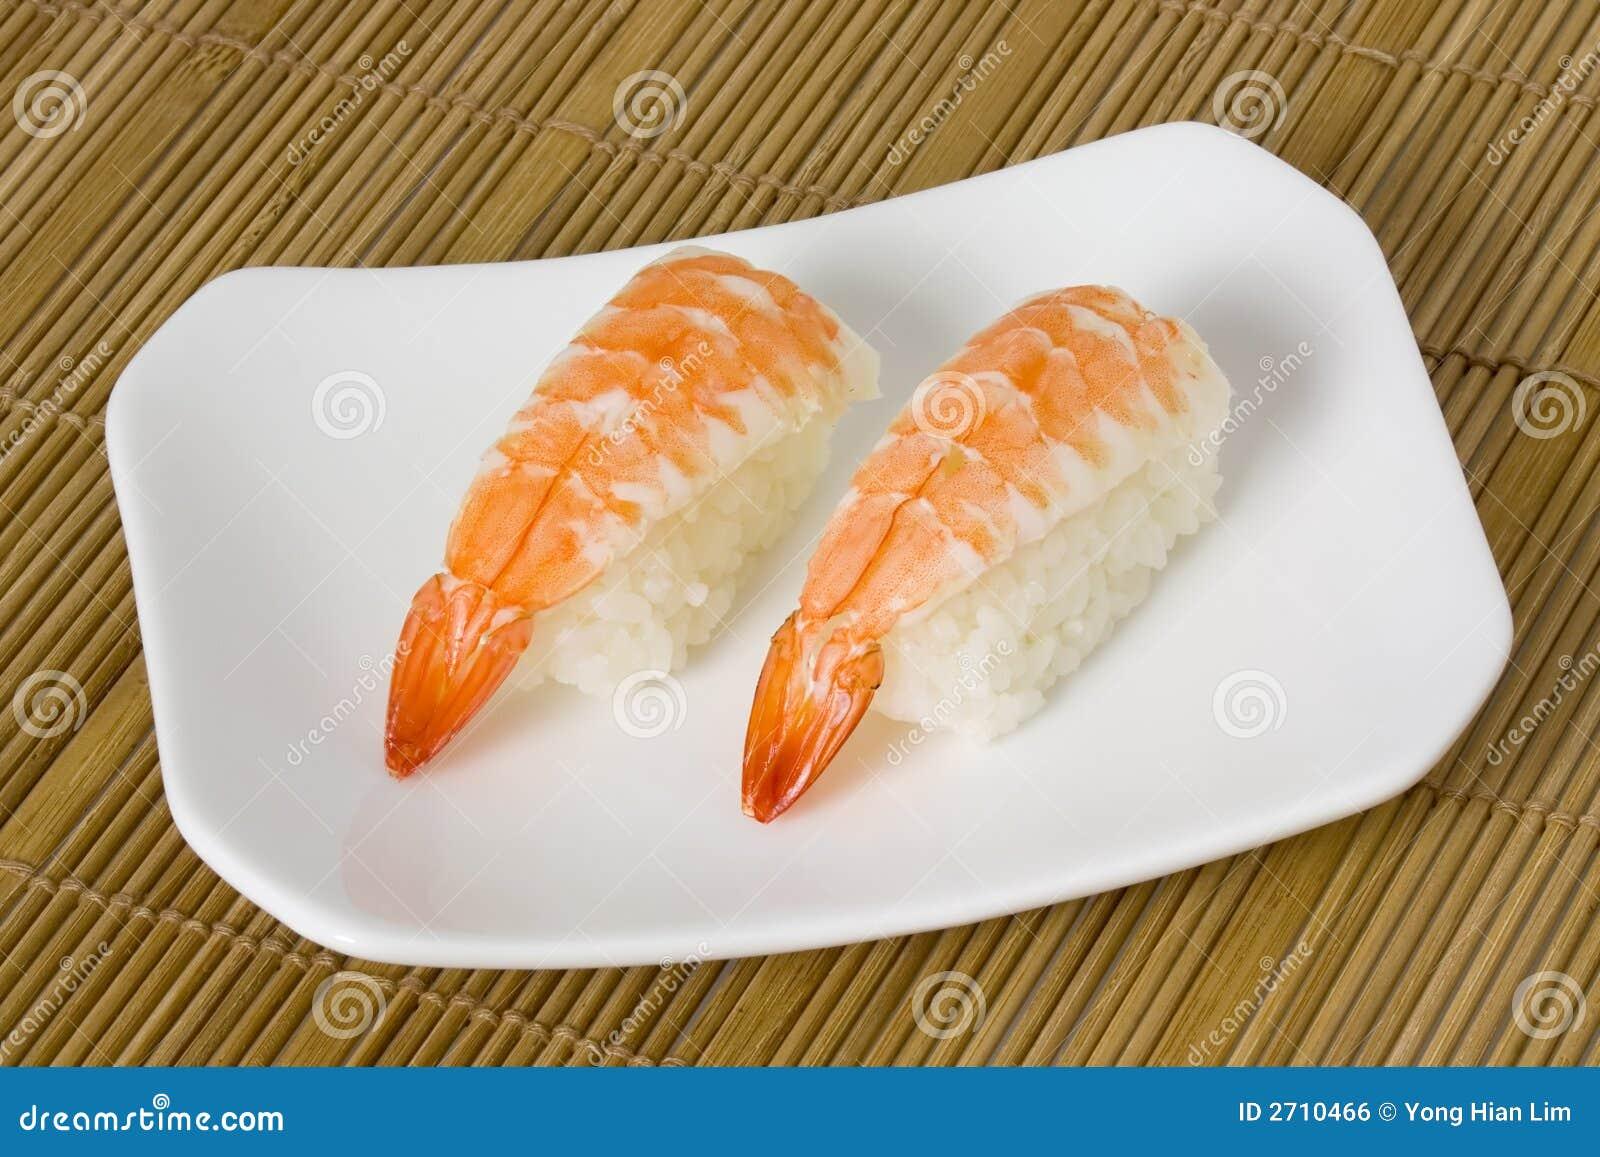 Sushi Ebi Nigiri Stock Photo Image Of Seafood Food 2710466